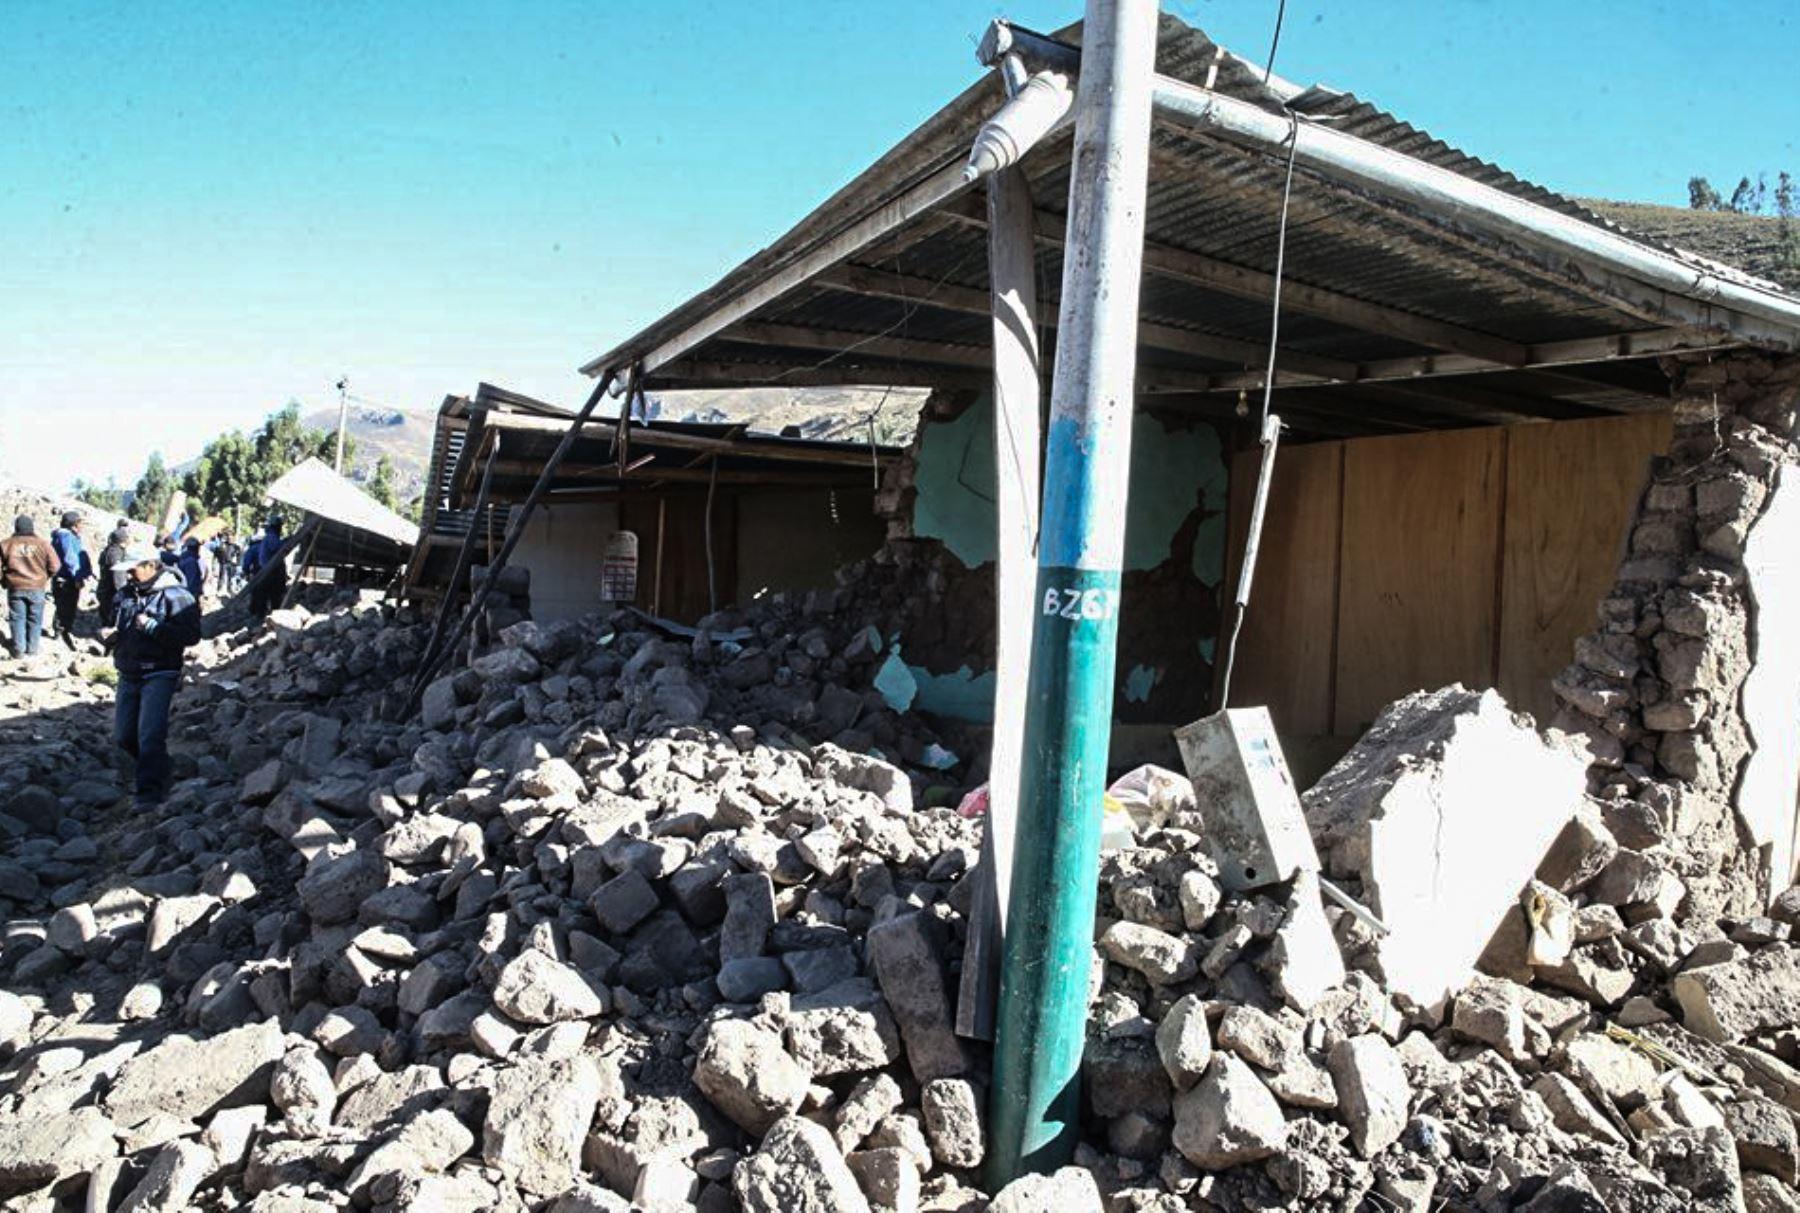 Gobierno reconstruirá 2,694 casas afectadas por el sismo en Caylloma. ANDINA/Vidal Tarqui